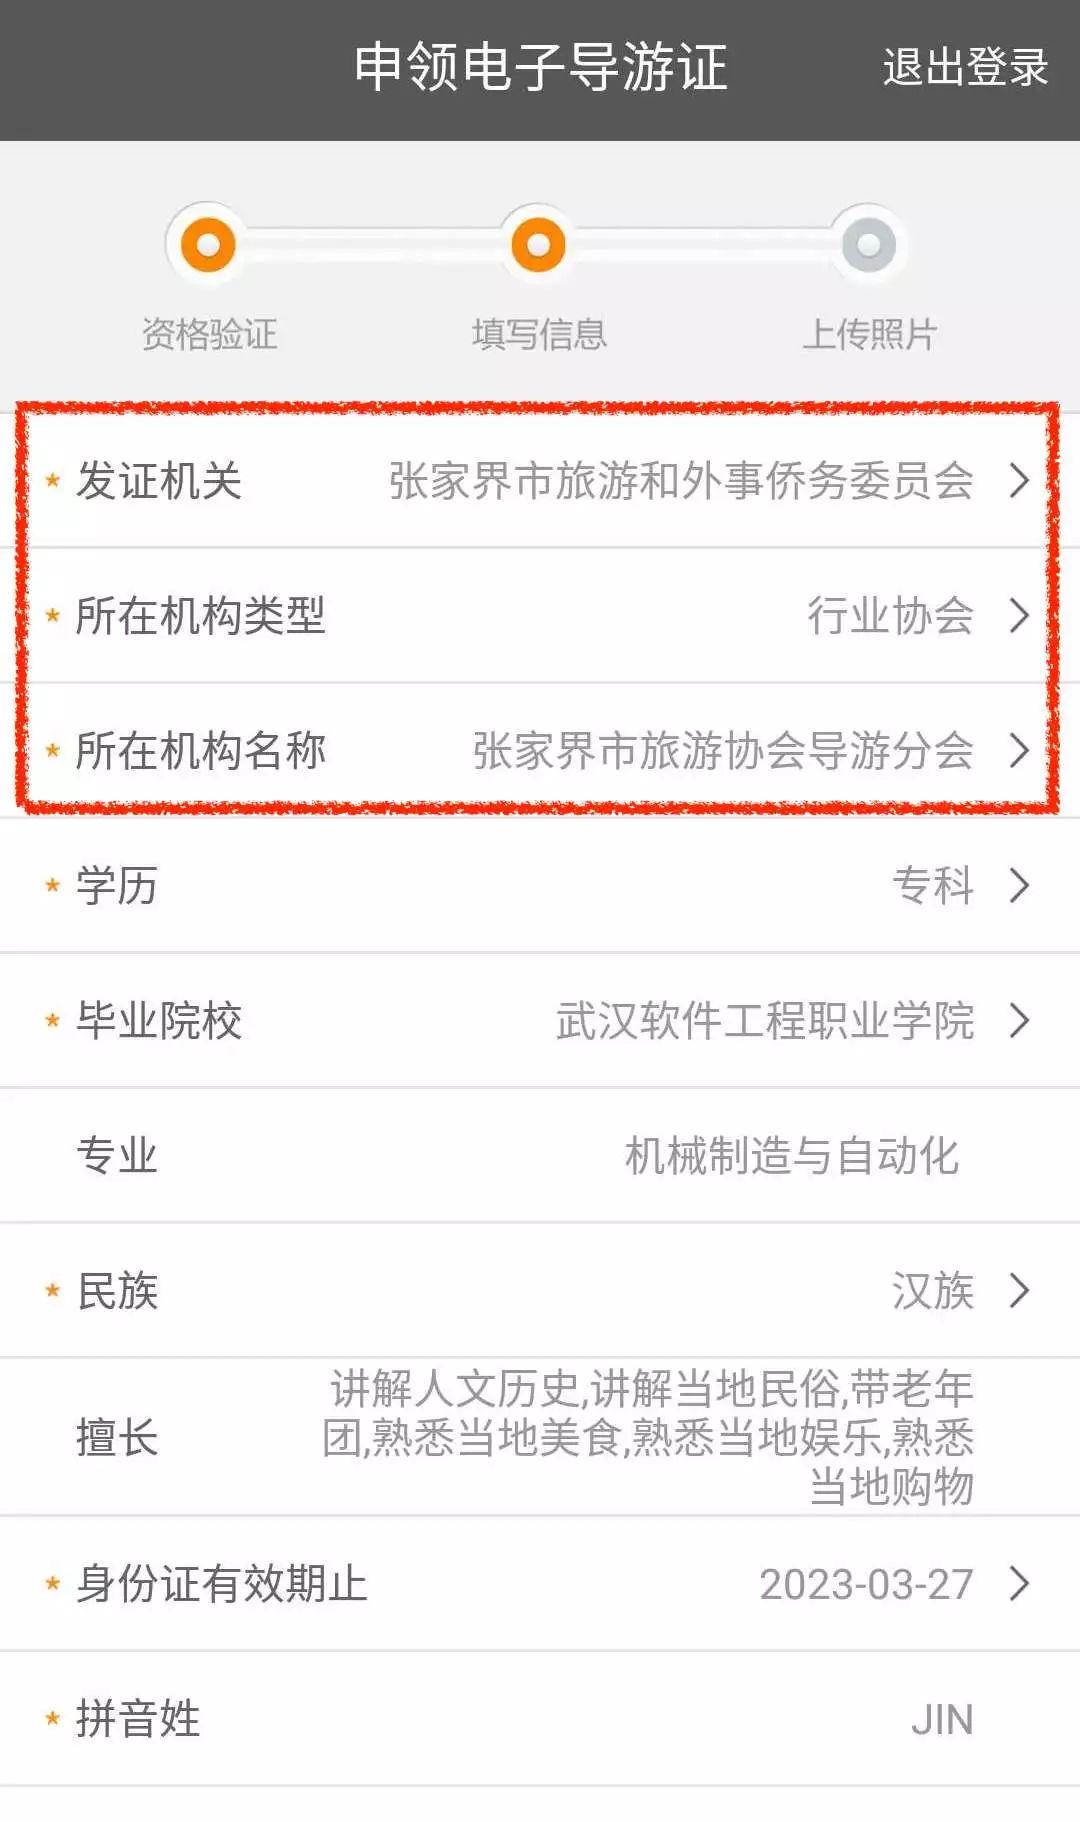 导游证照片要求_导游业务 第二阶段-安徽省网络课程学习中心(e会学)